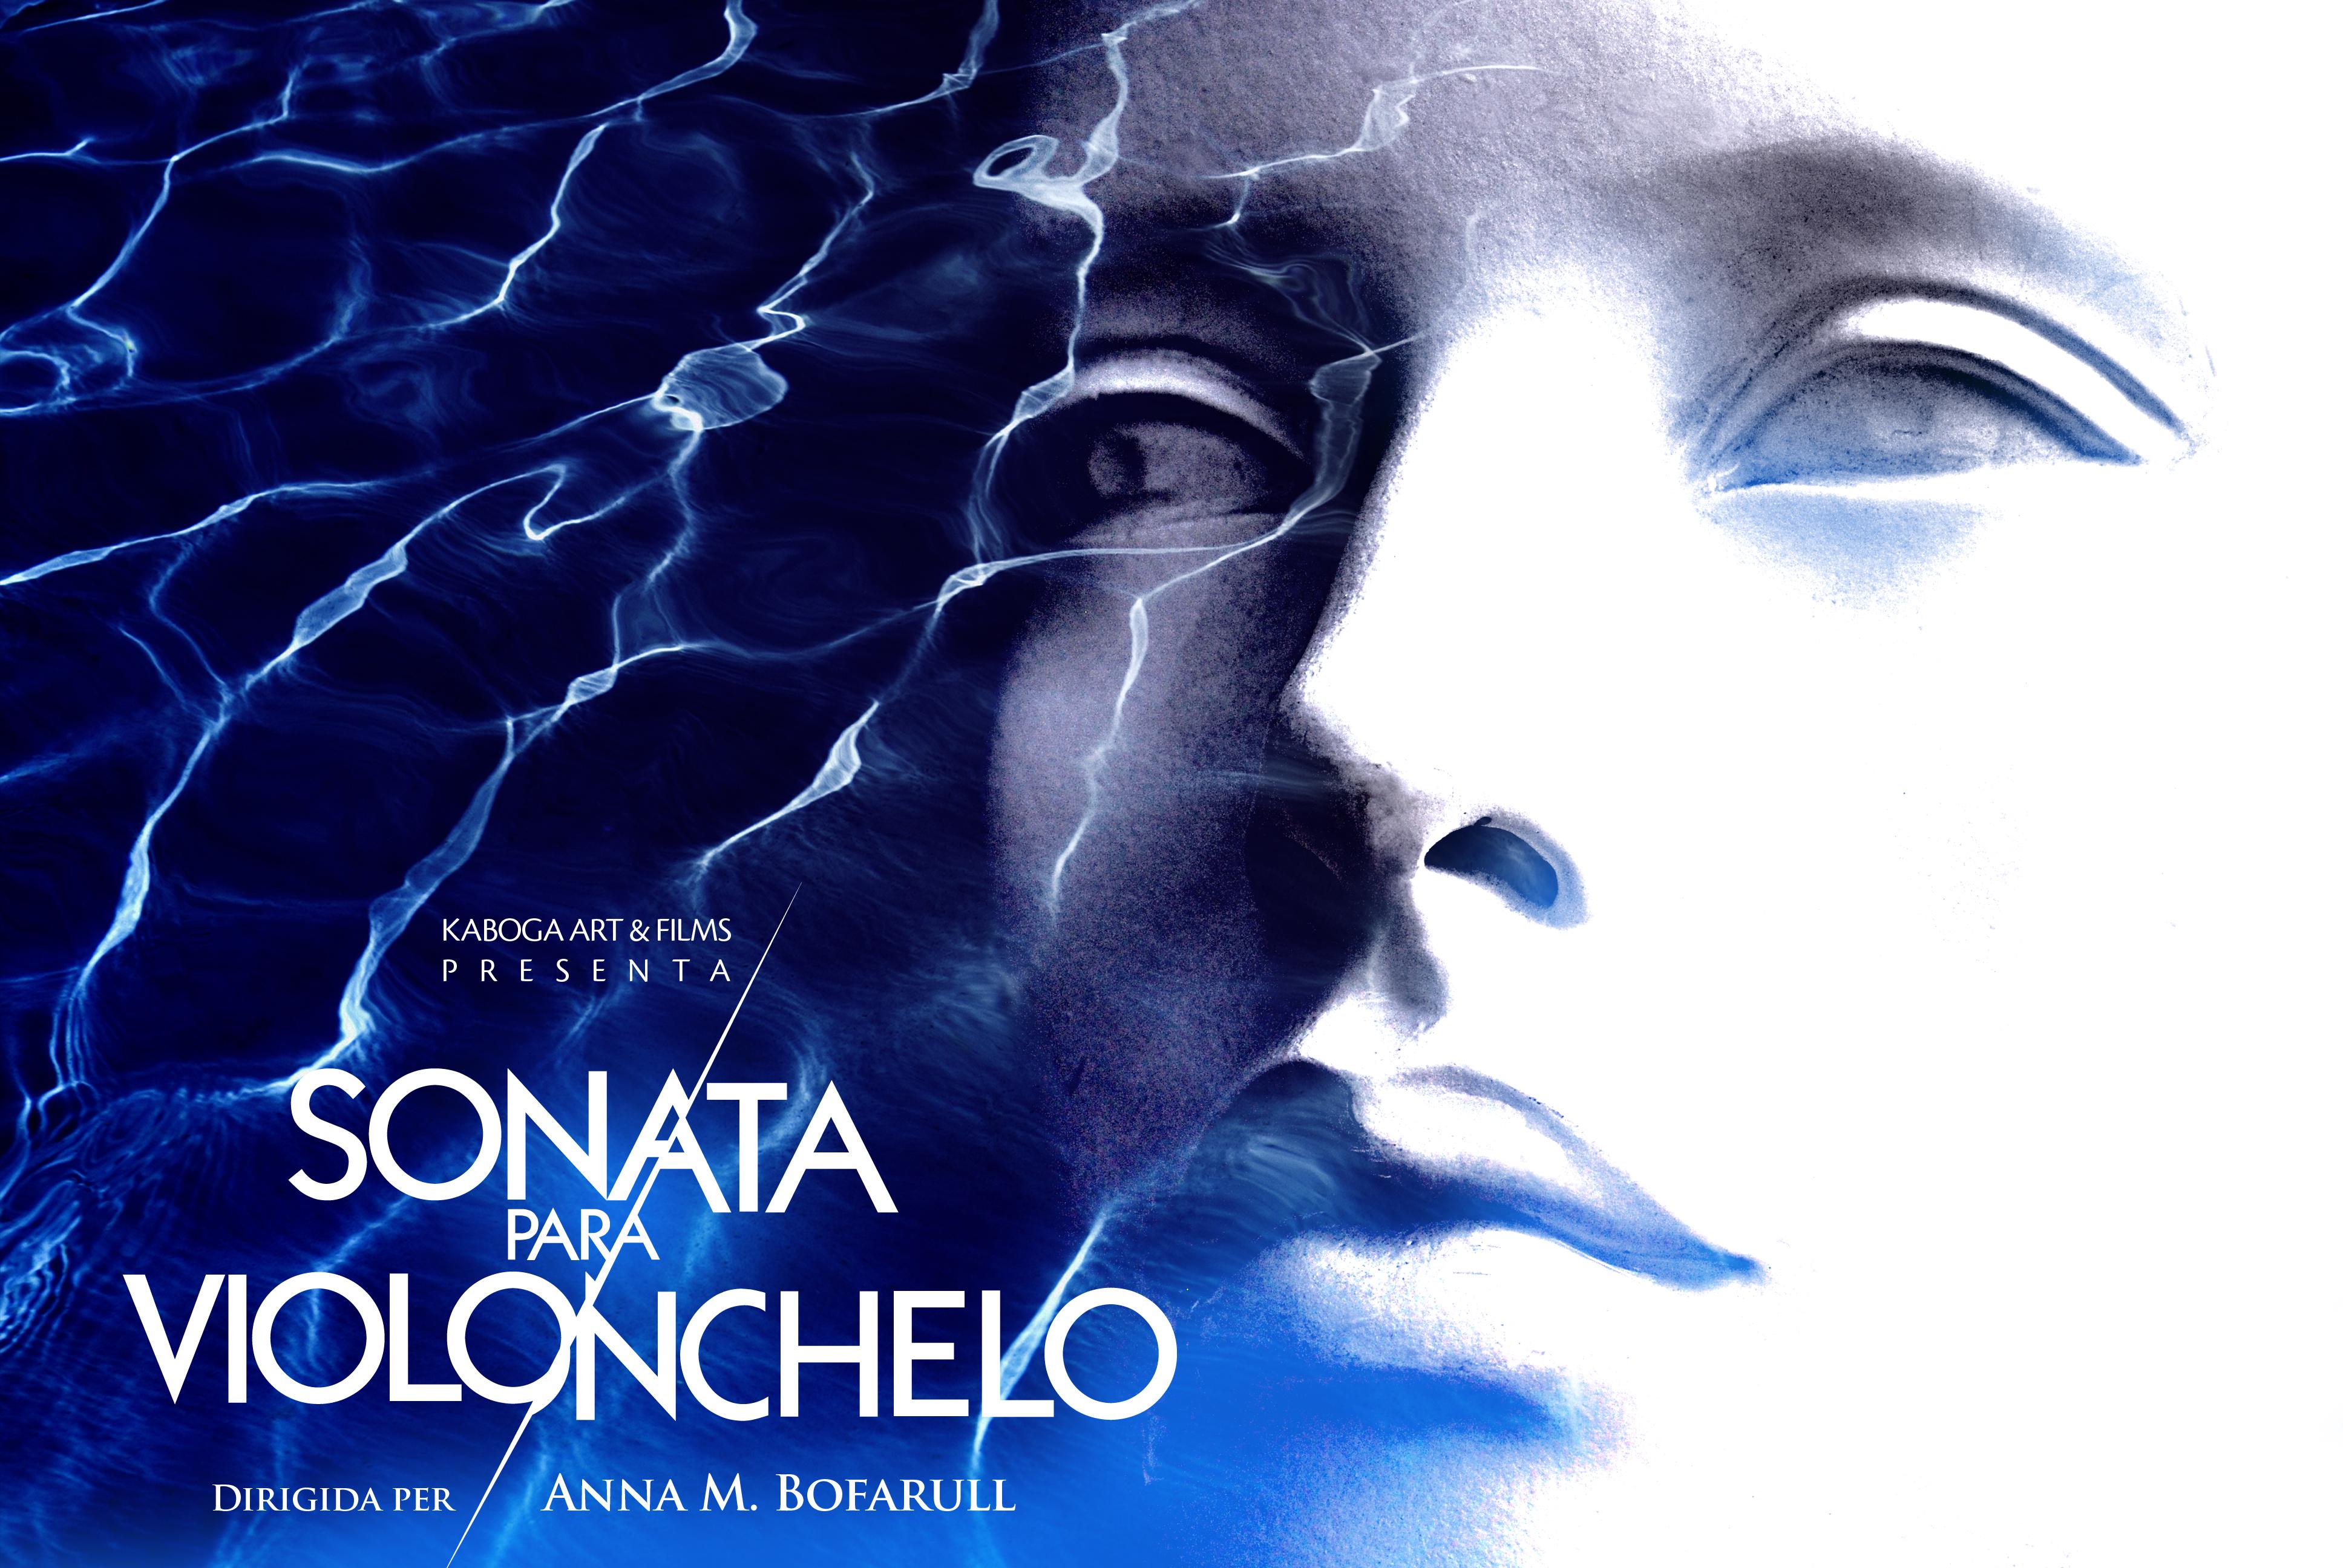 Cartell promocional de la pel·lícula 'Sonata para violonchelo'